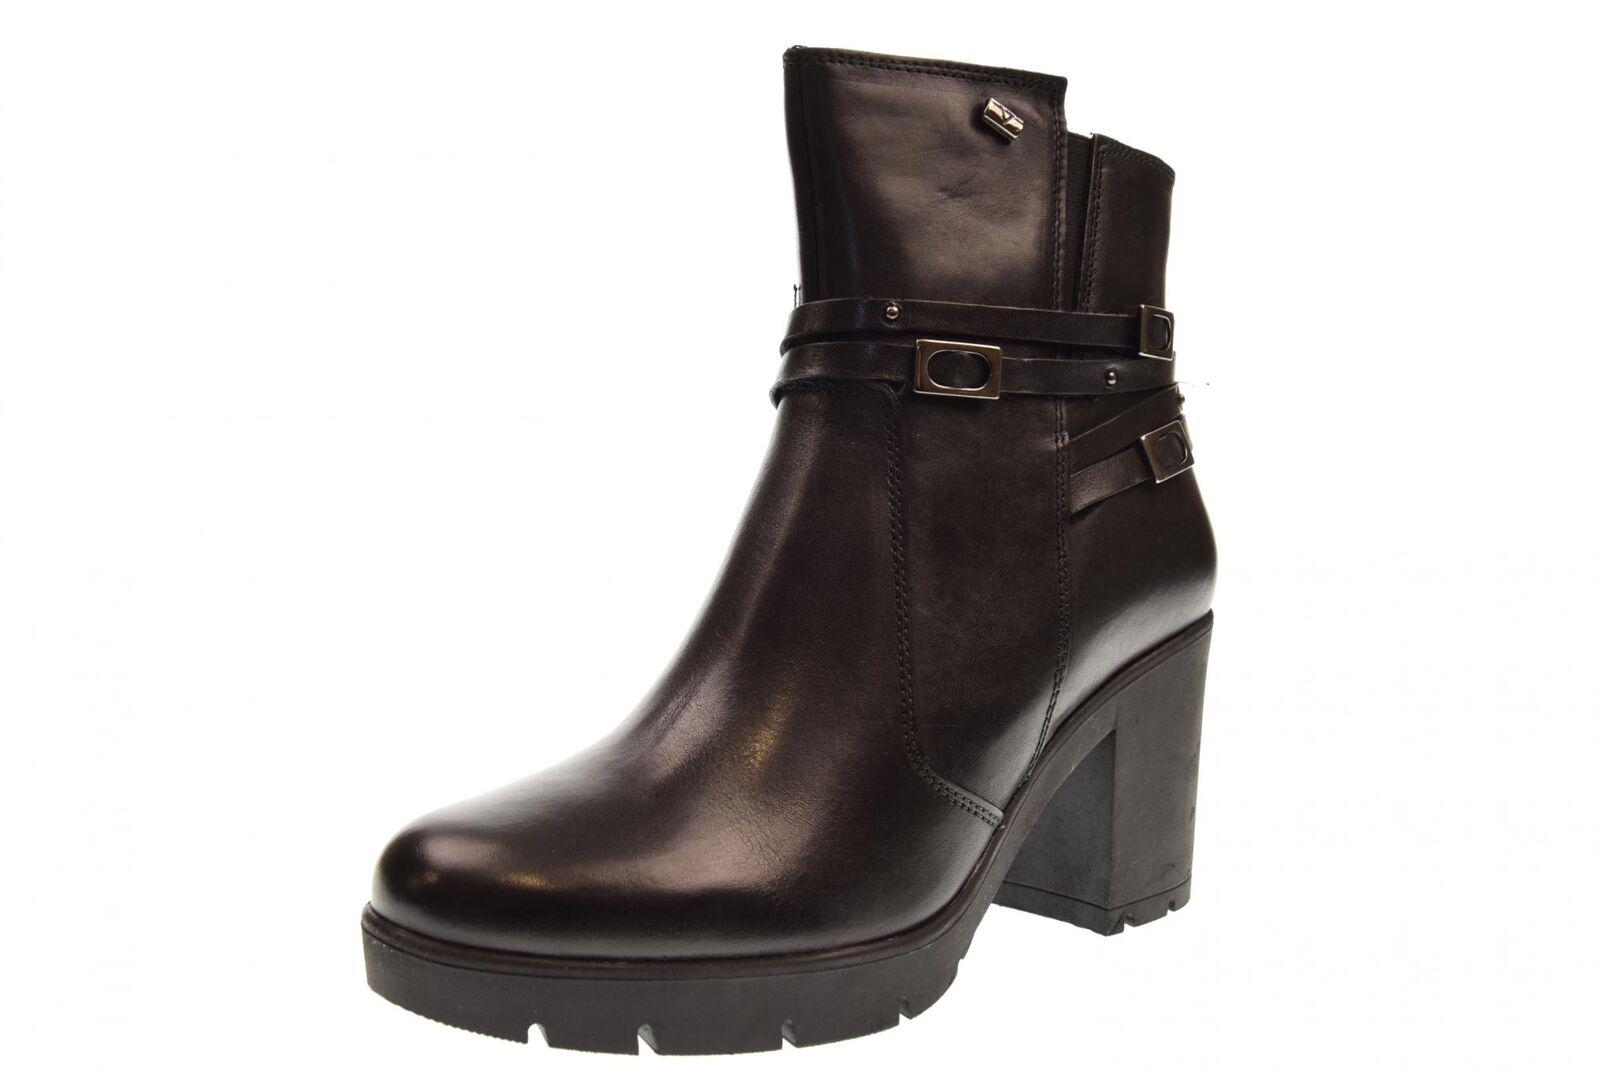 Valleverde donna scarpe donna Valleverde stivaletti 49576 NERO A18 21e83e